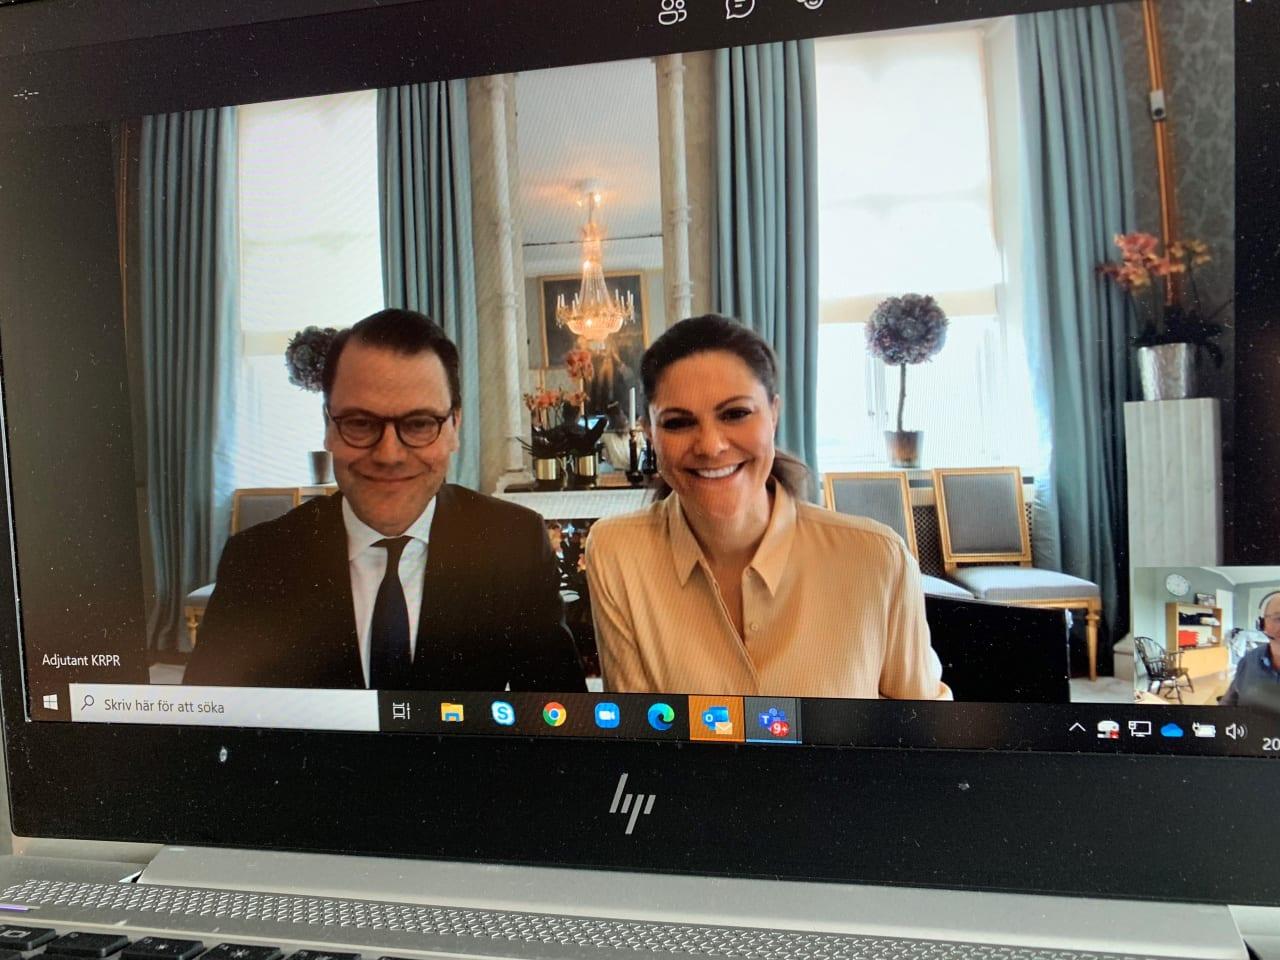 kronprinsessparet deltar i digitalt möte.